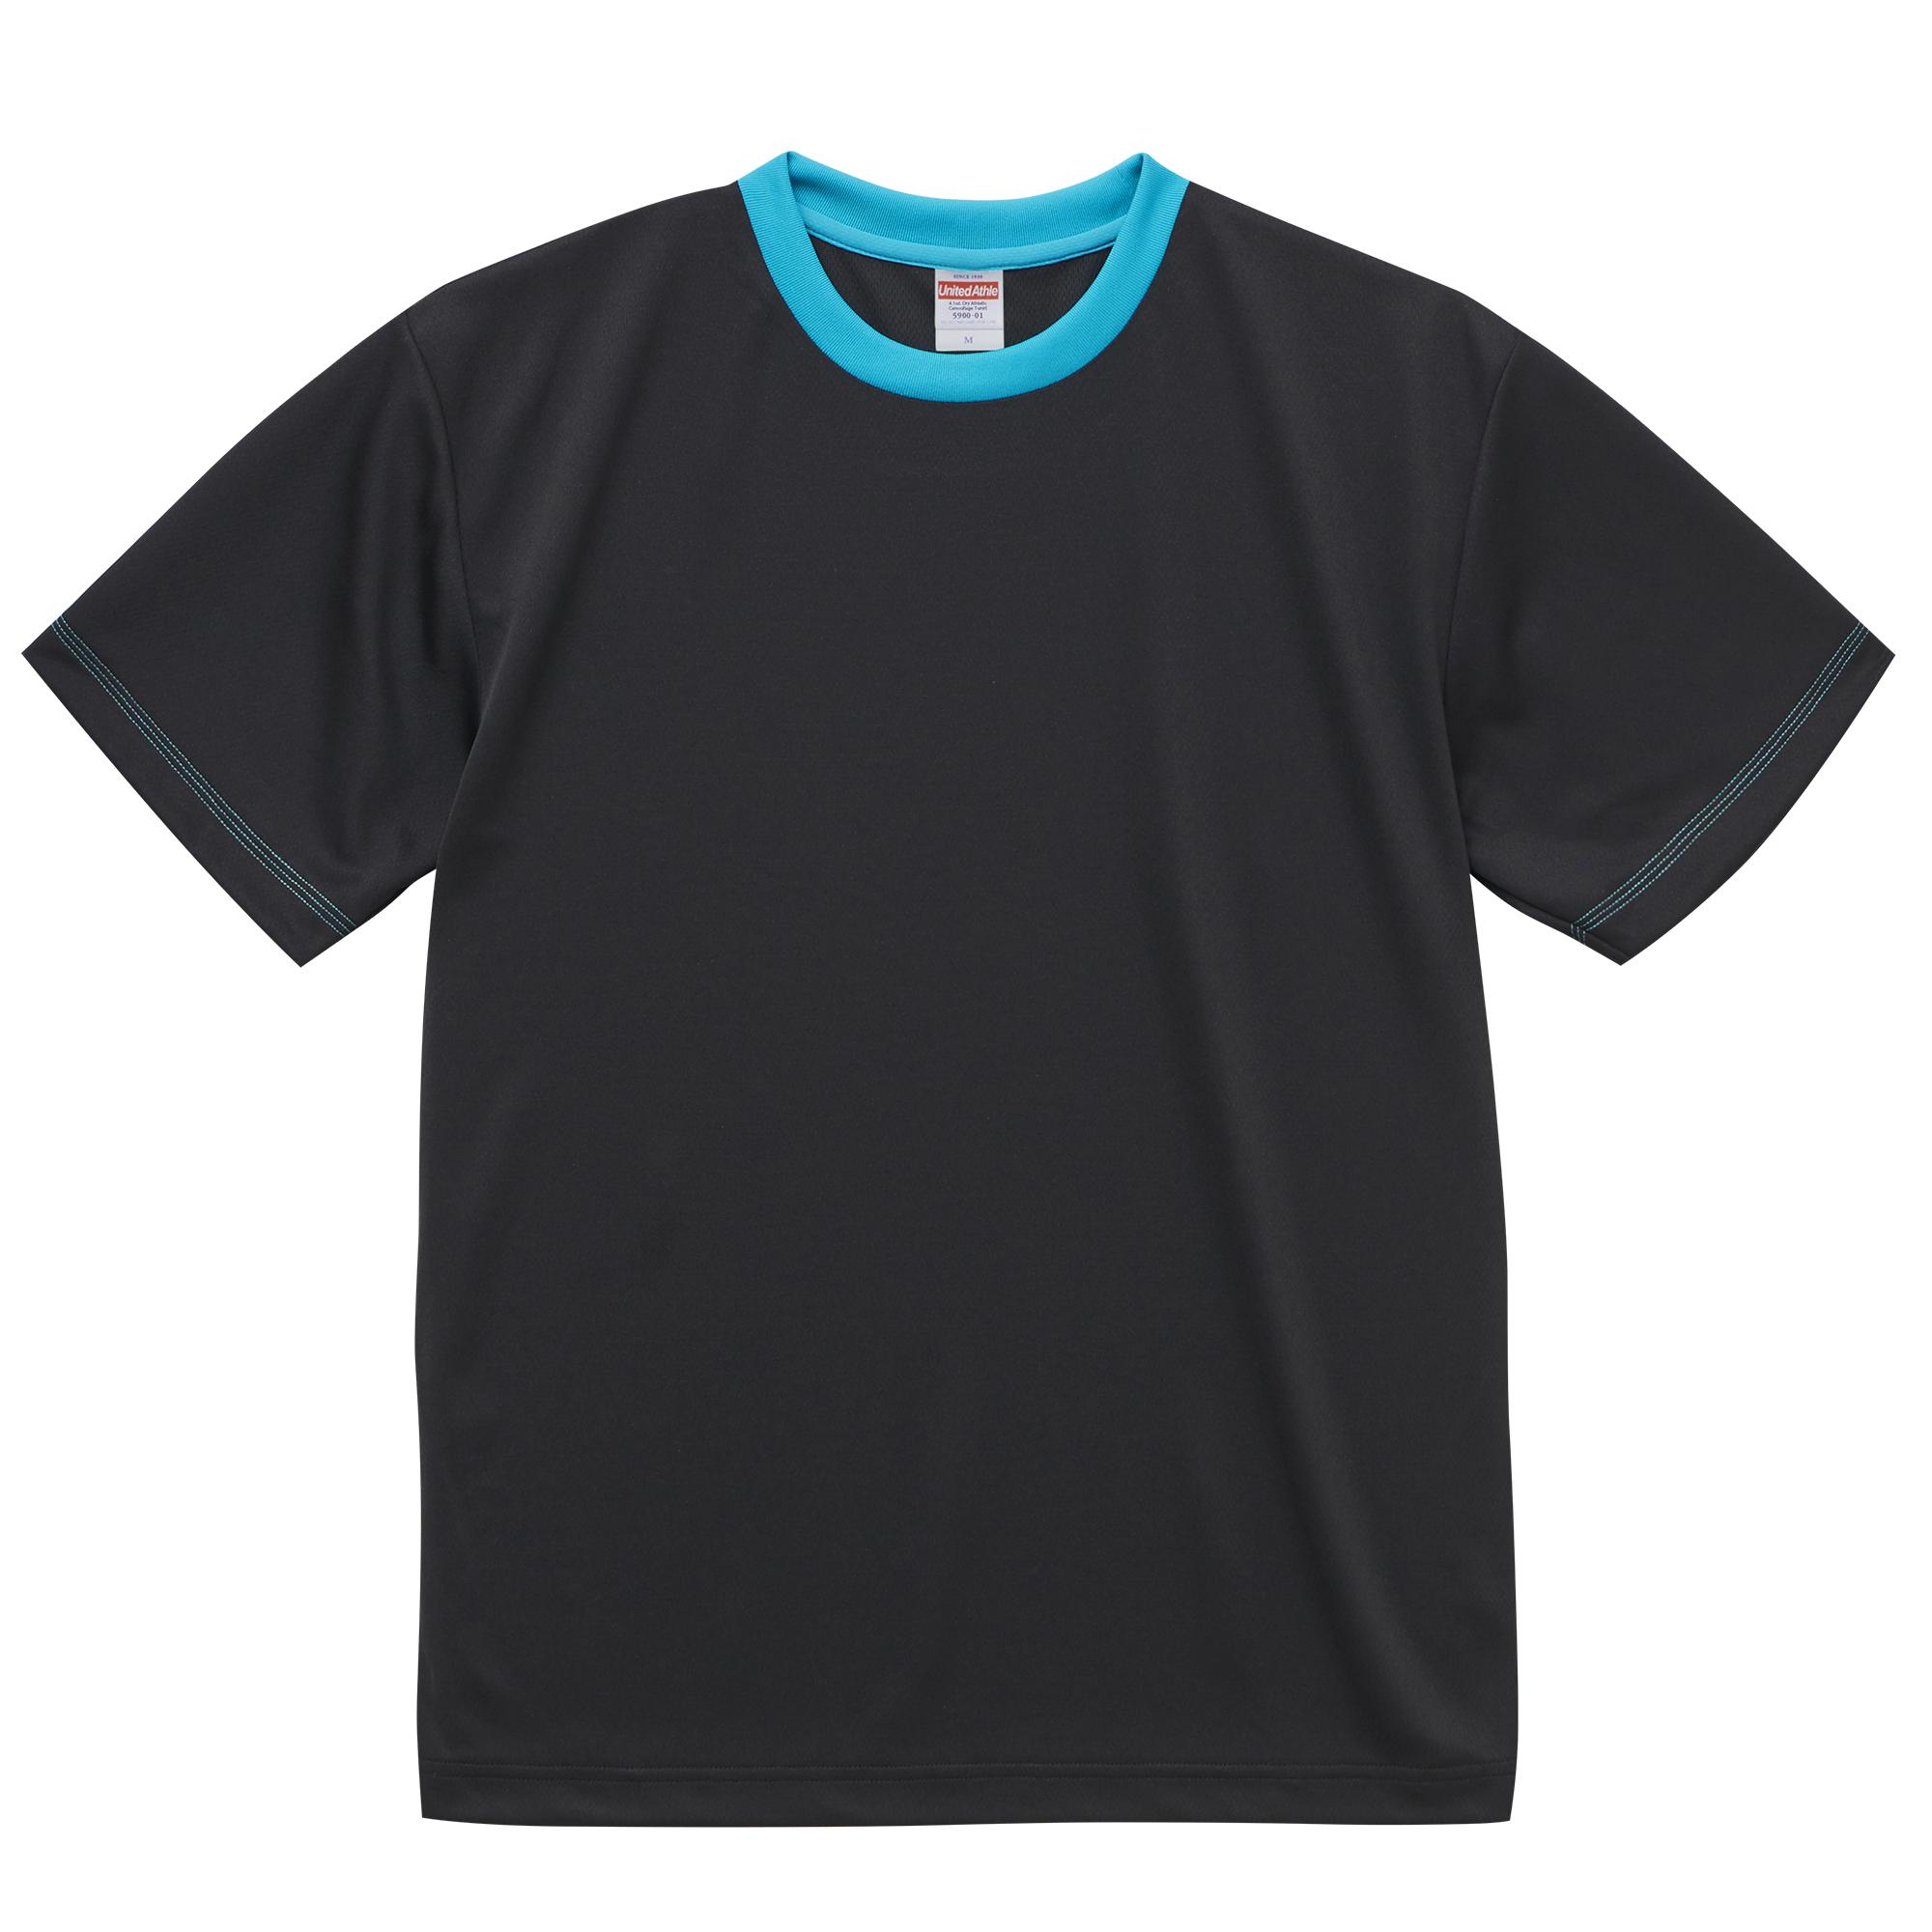 4.1オンスドライTシャツ(ブラック/ターコイズブル)